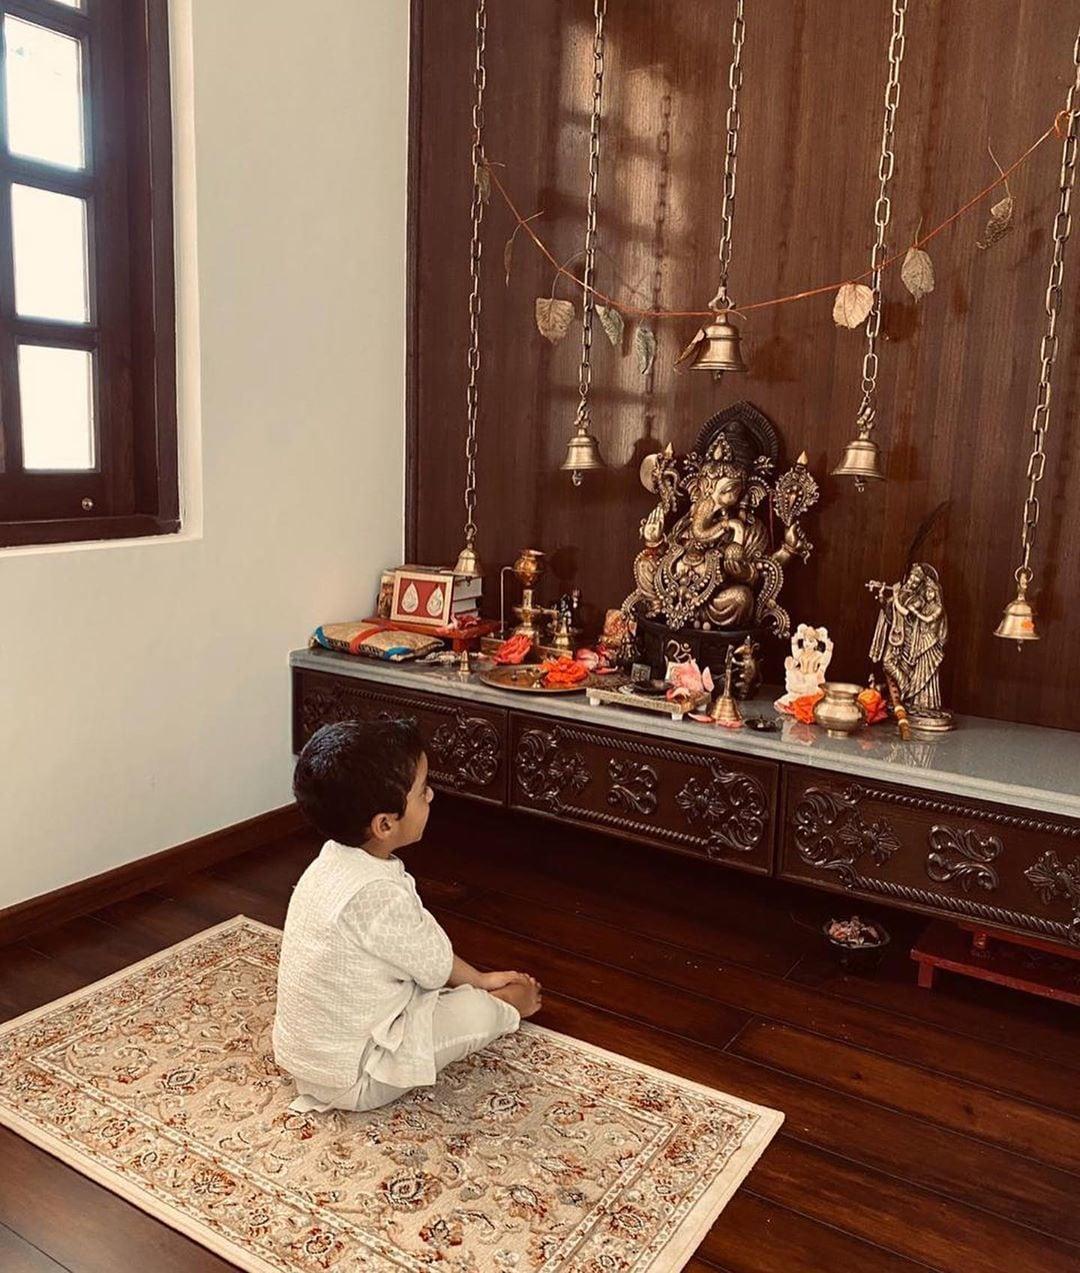 রঙ্গোলির ঠাকুর ঘরে রাখা রয়েছে গণপতির মূর্তি। পাশে রাধাকৃষ্ণ ও শিব। সামনে বসে রঙ্গোলির ছোট্ট গোপাল, তাঁর পুত্র পৃথিবী। (ছবি-ইনস্টাগ্রাম)